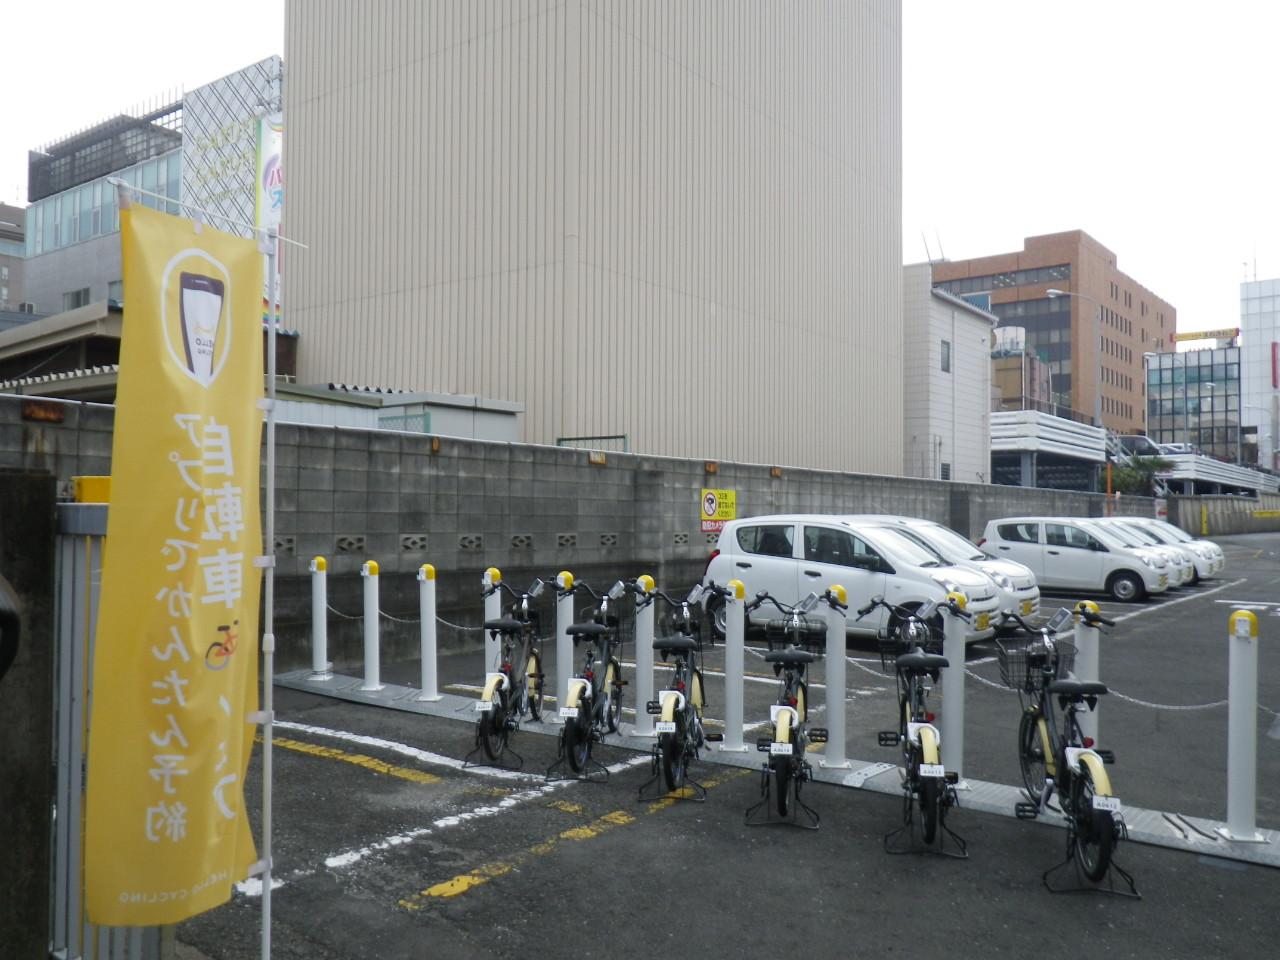 【ベルシェア】みずほ銀行 浦和支店 駐車場内 (HELLO CYCLING ポート) image